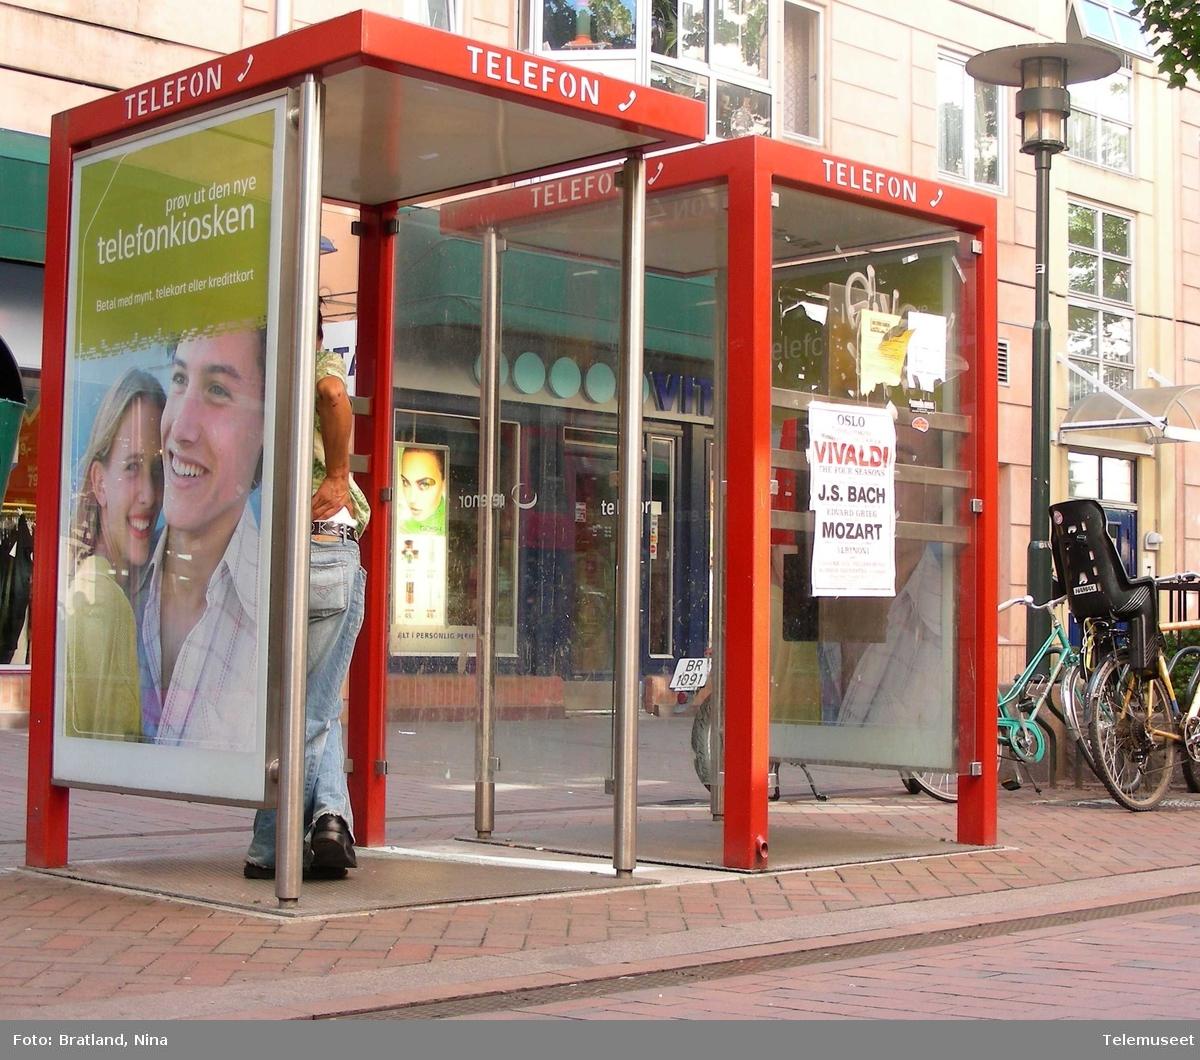 Telefonkiosker i Smalgangen på Grønland i Oslo